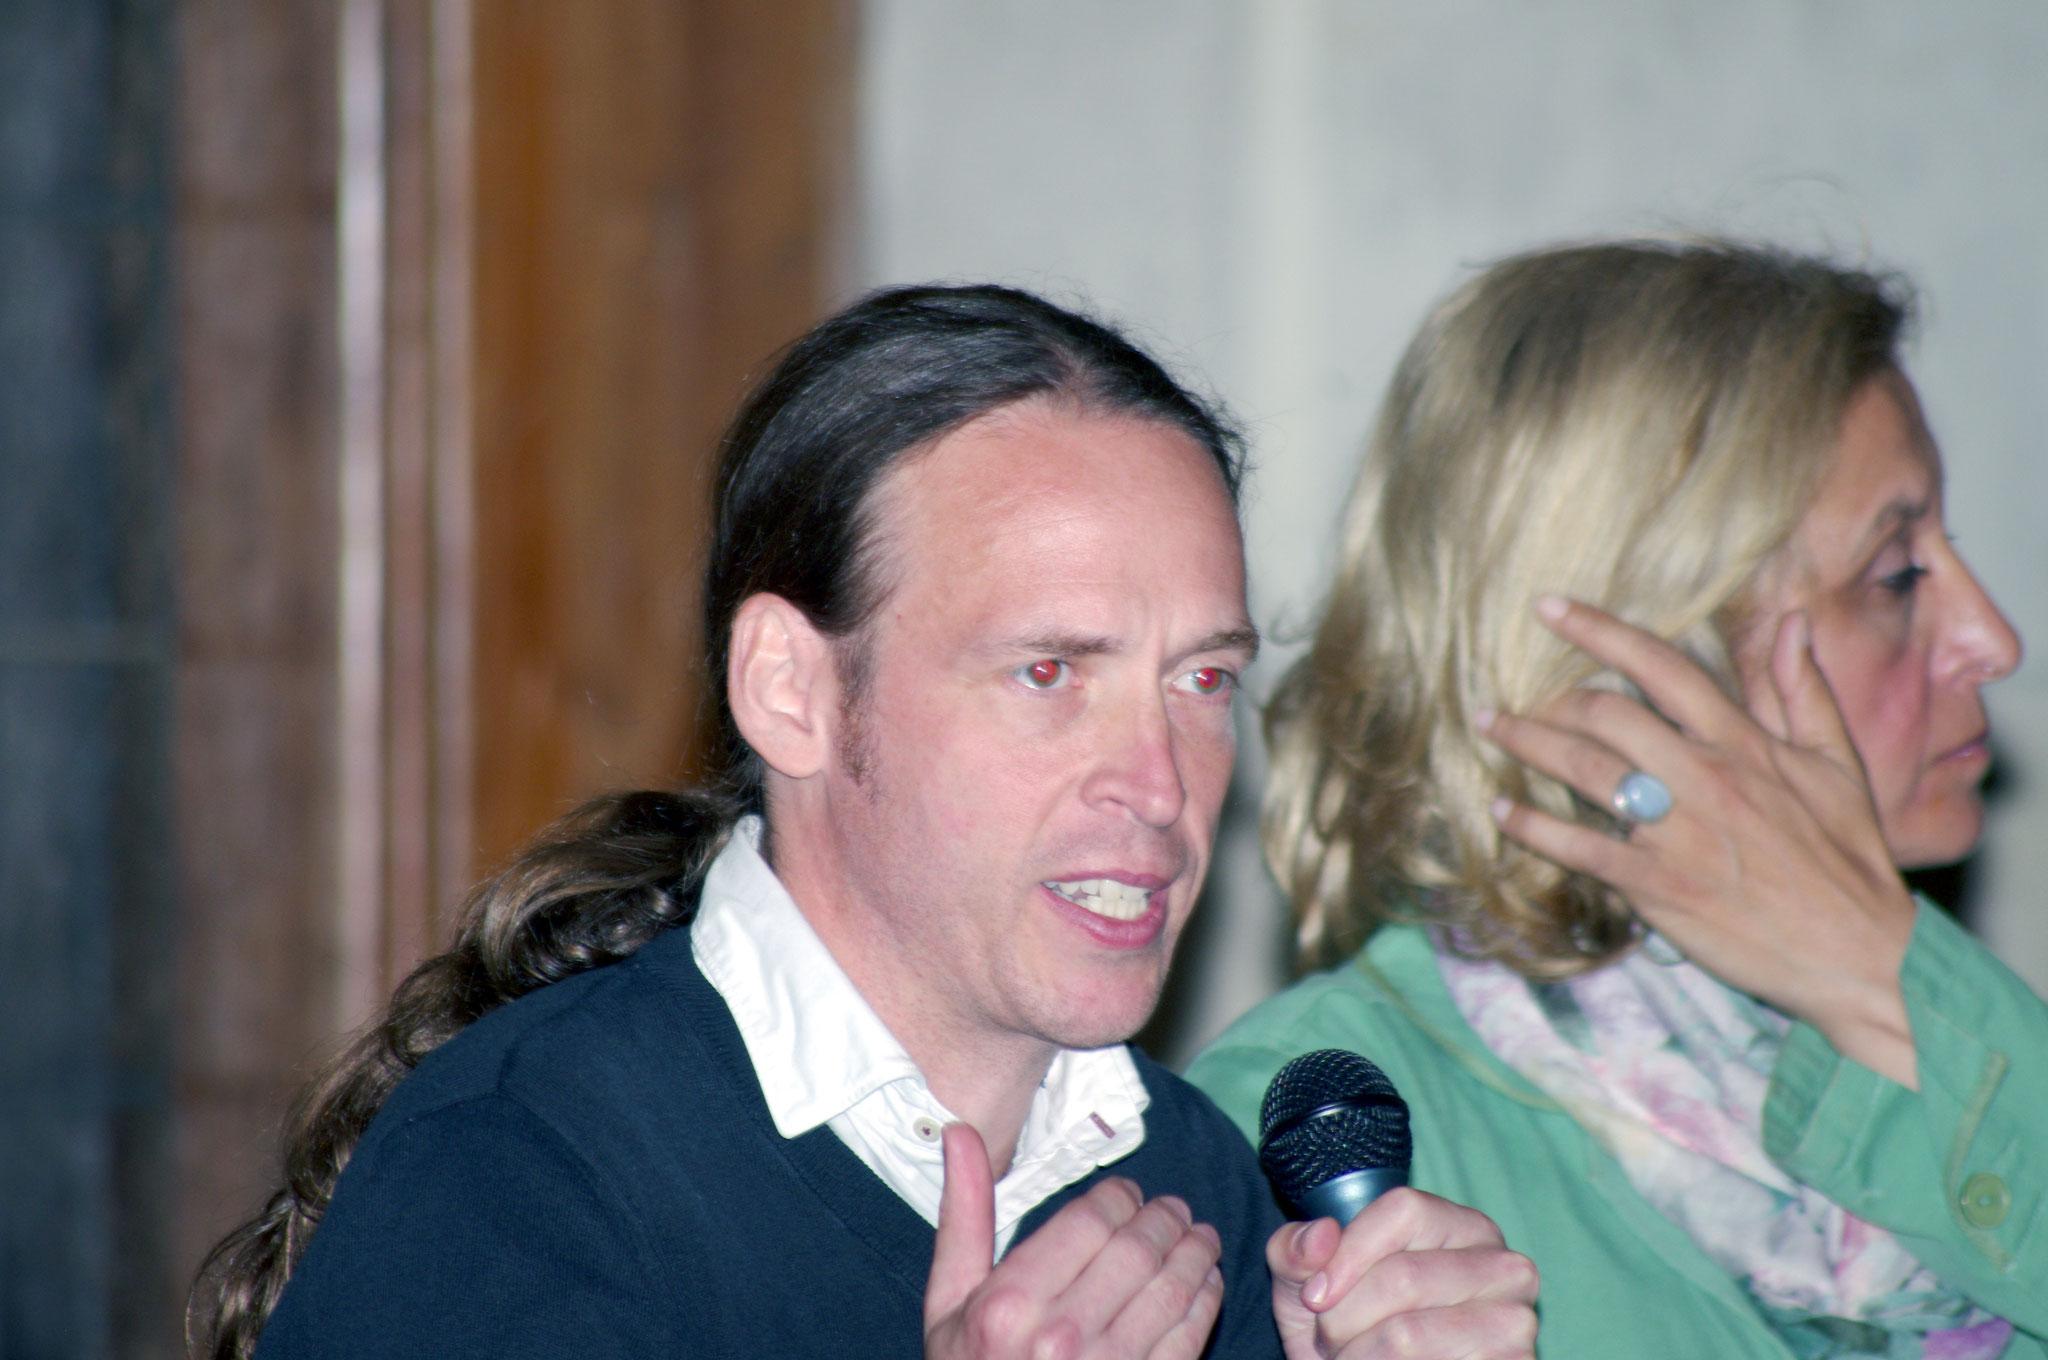 Pascal Meiser (LINKE)